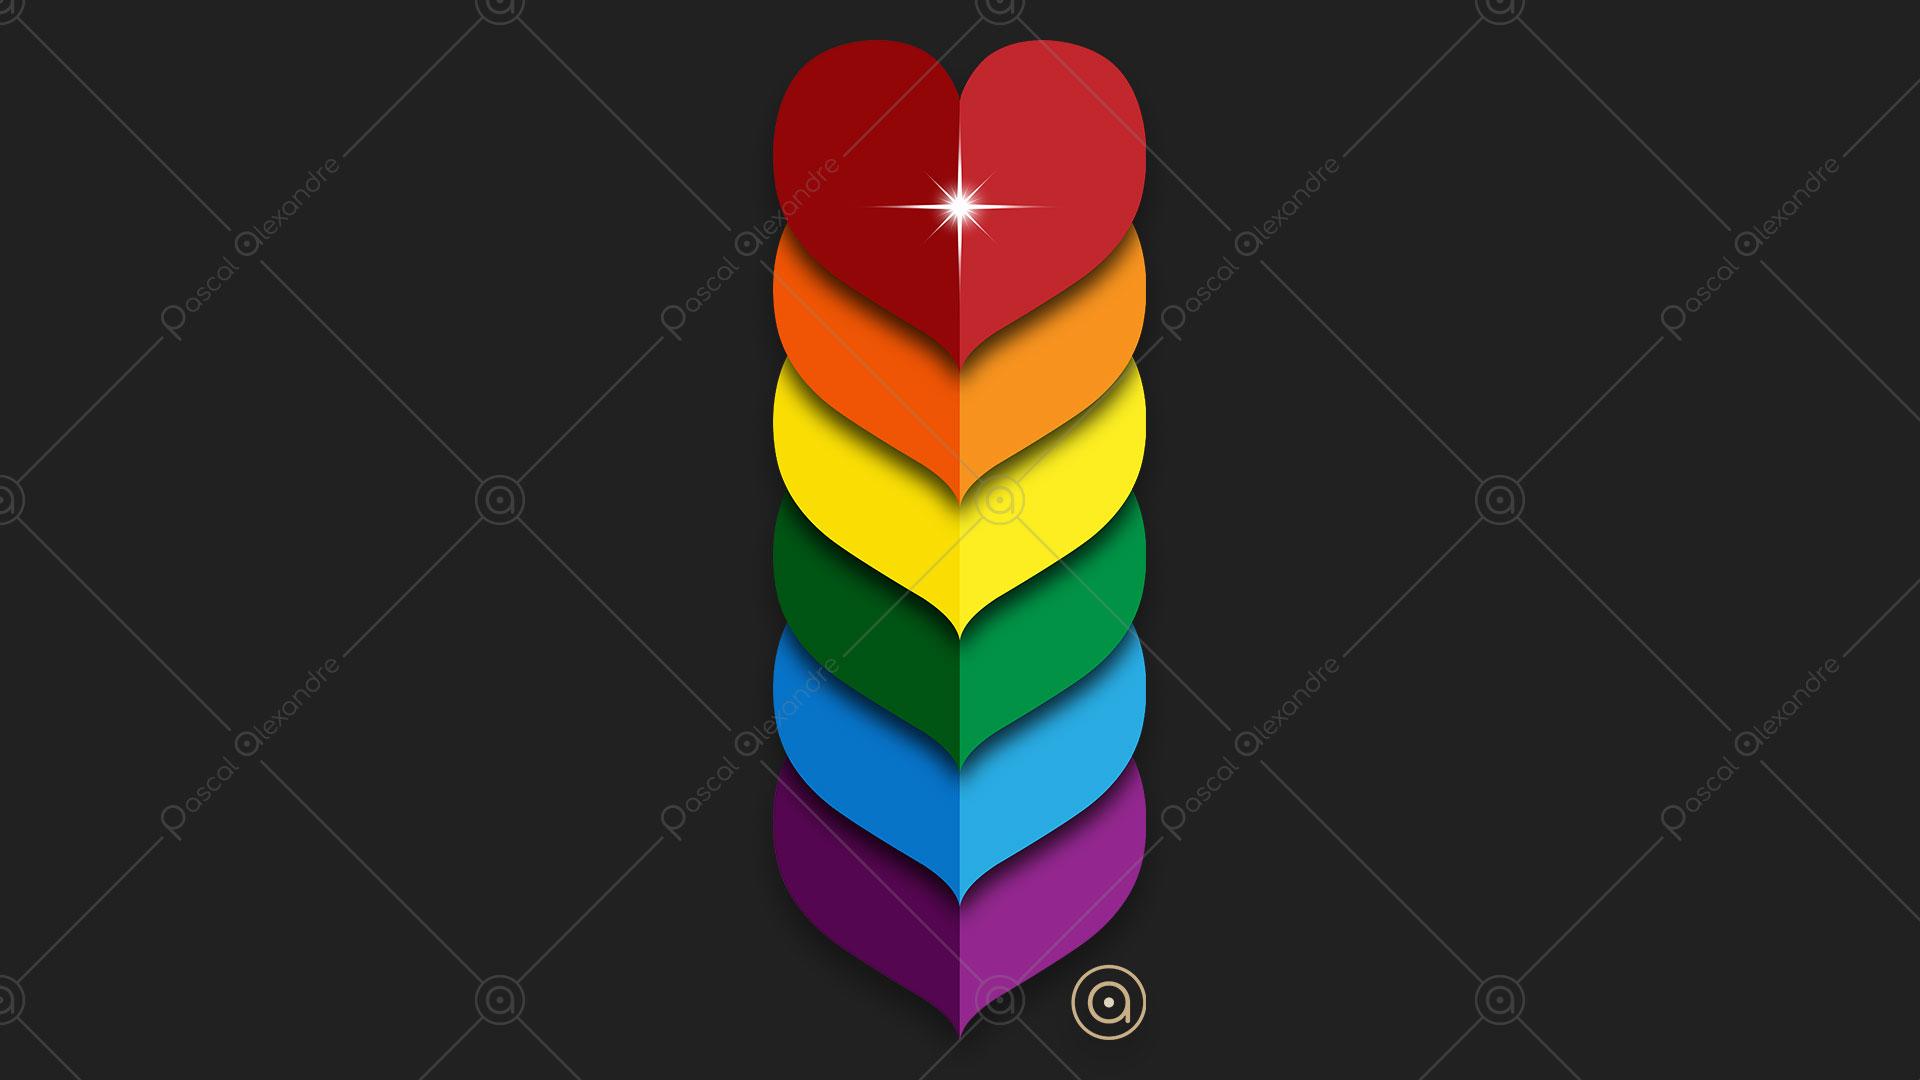 Hearts Rainbow 1546218643